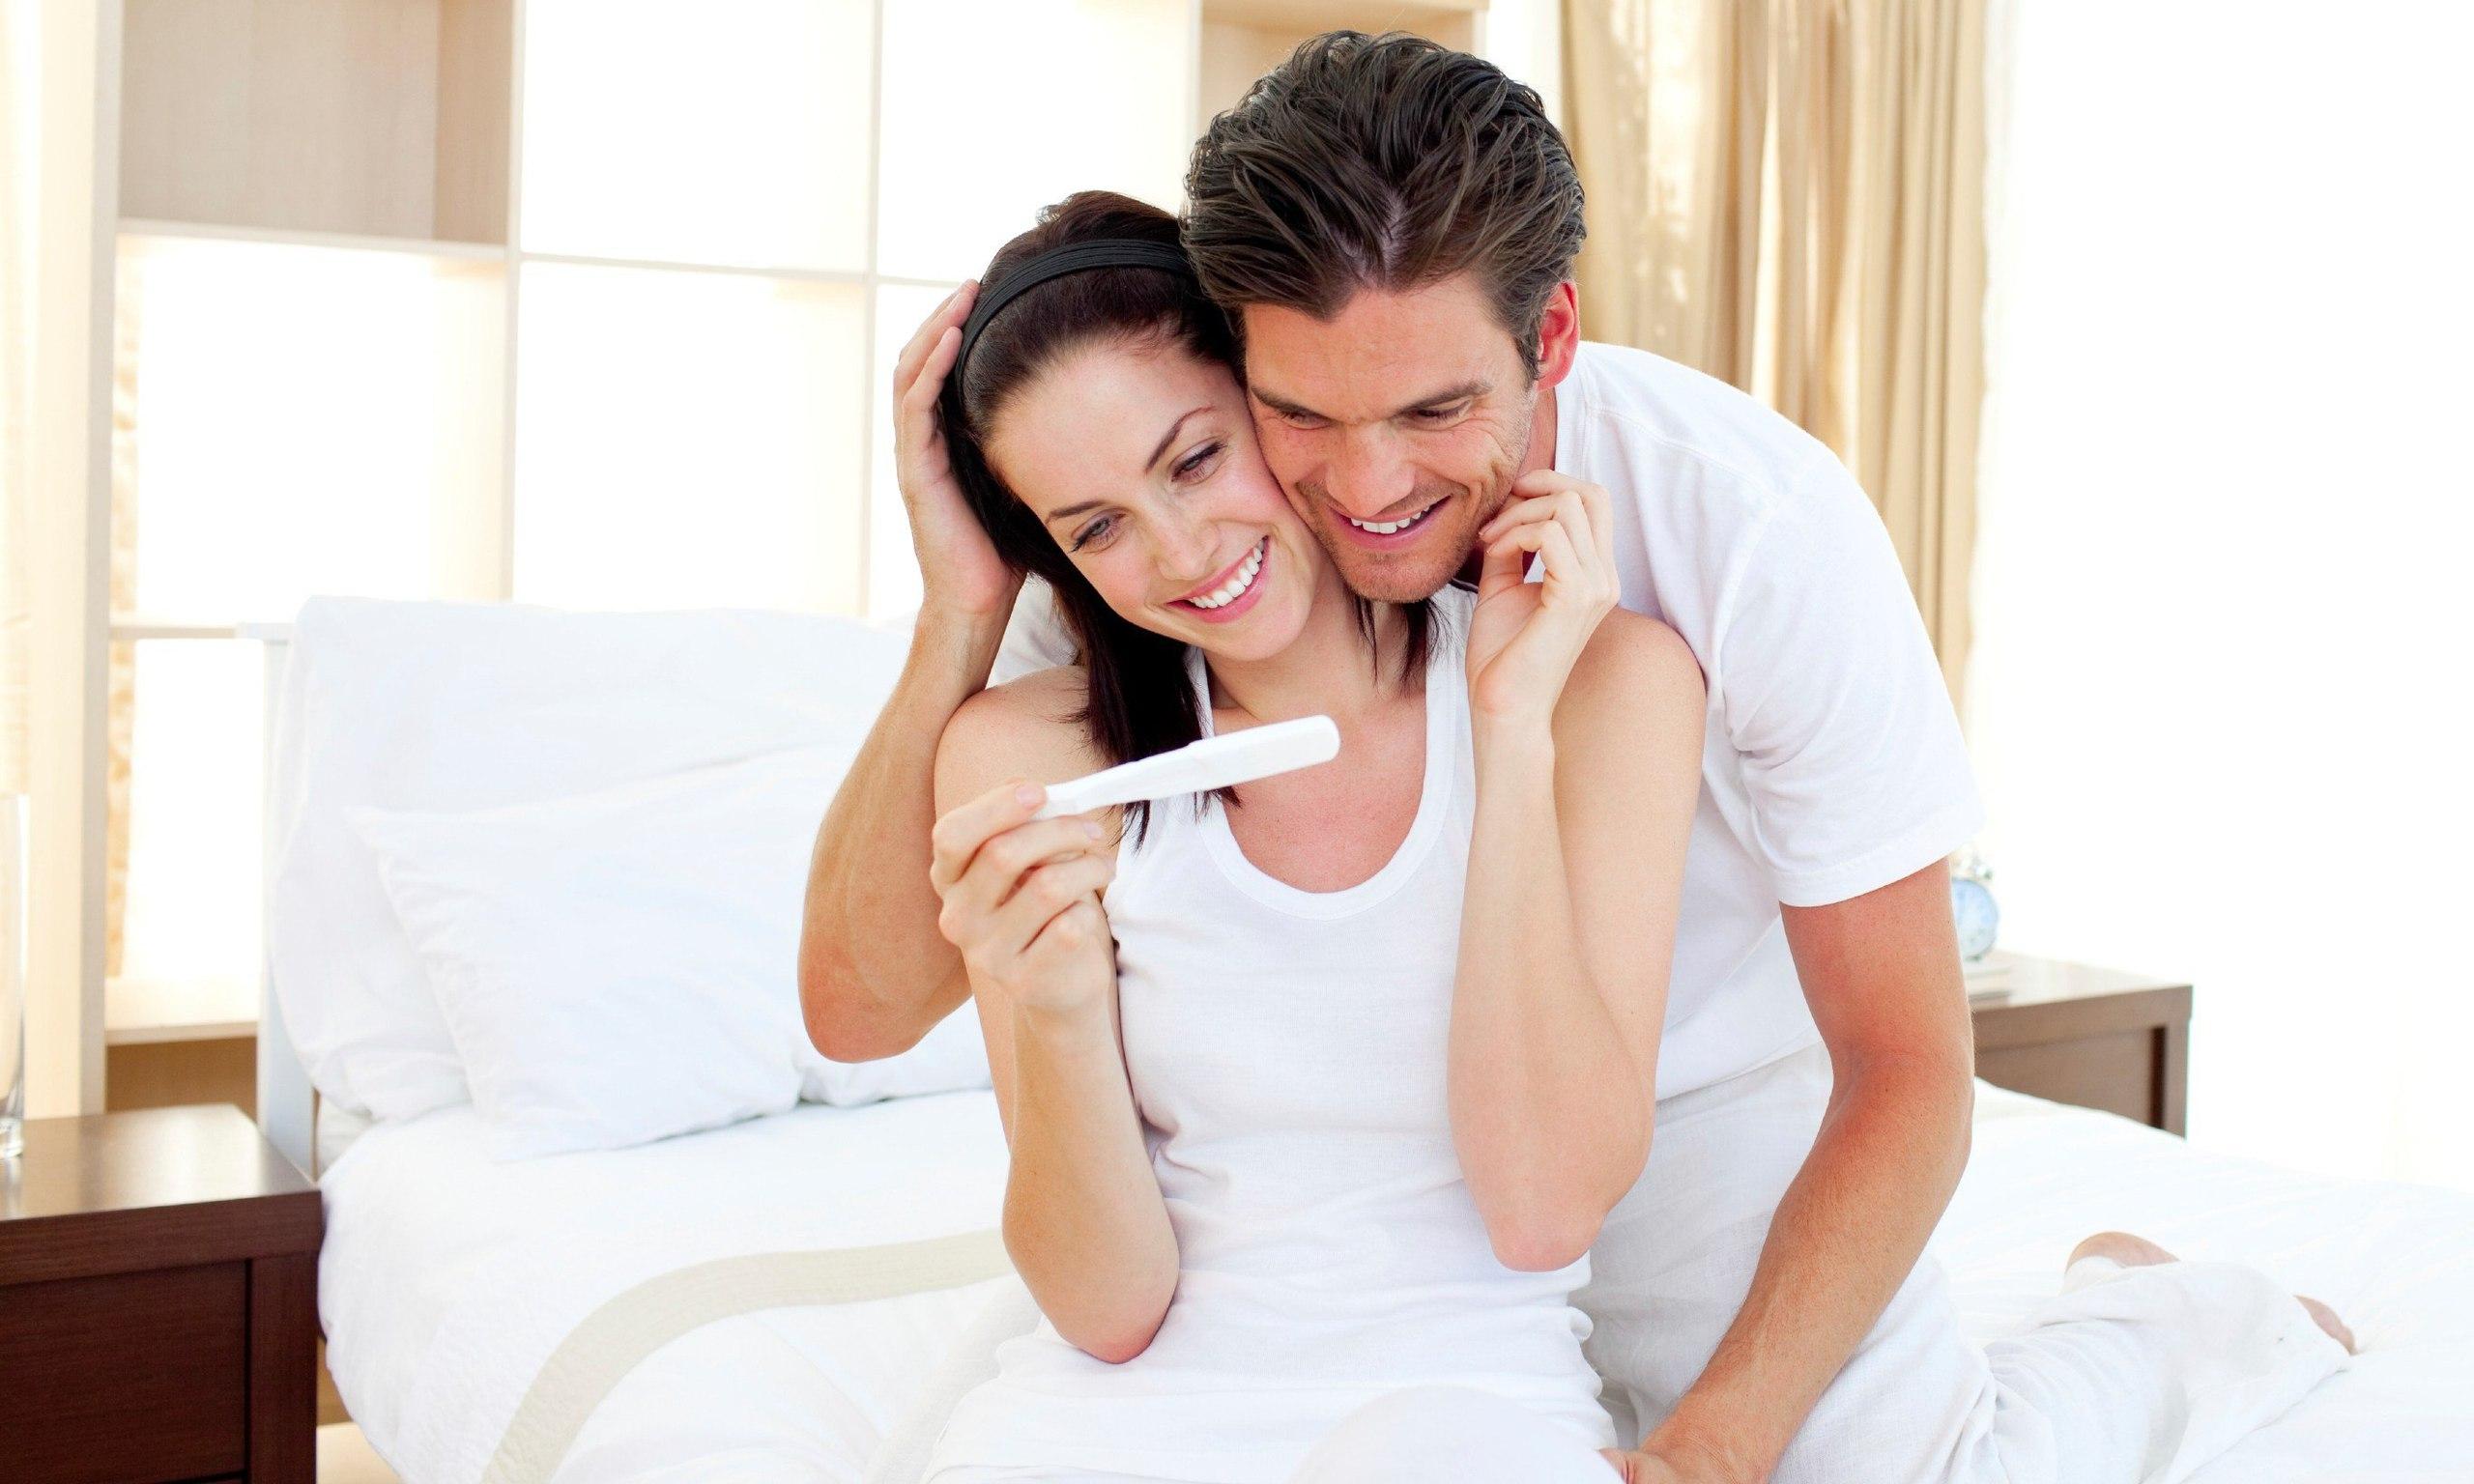 Сколько раз в день человек должен заниматься сексом блог врача